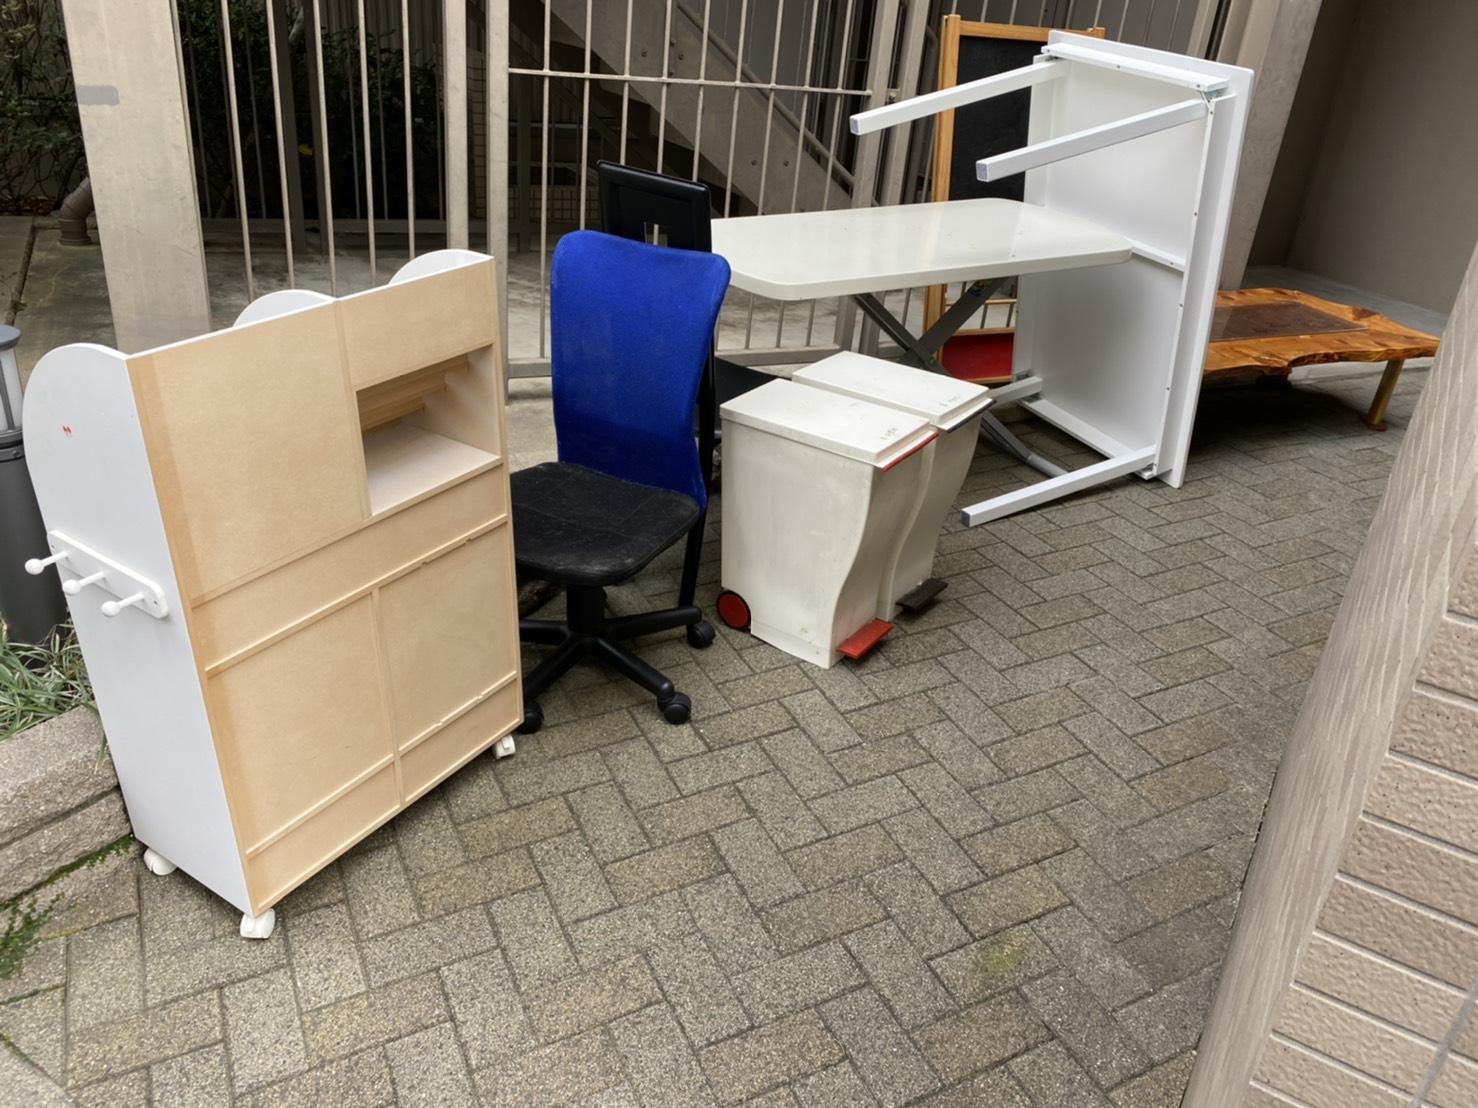 テーブル、ワークチェア、ゴミ箱、カラーボックスの回収前